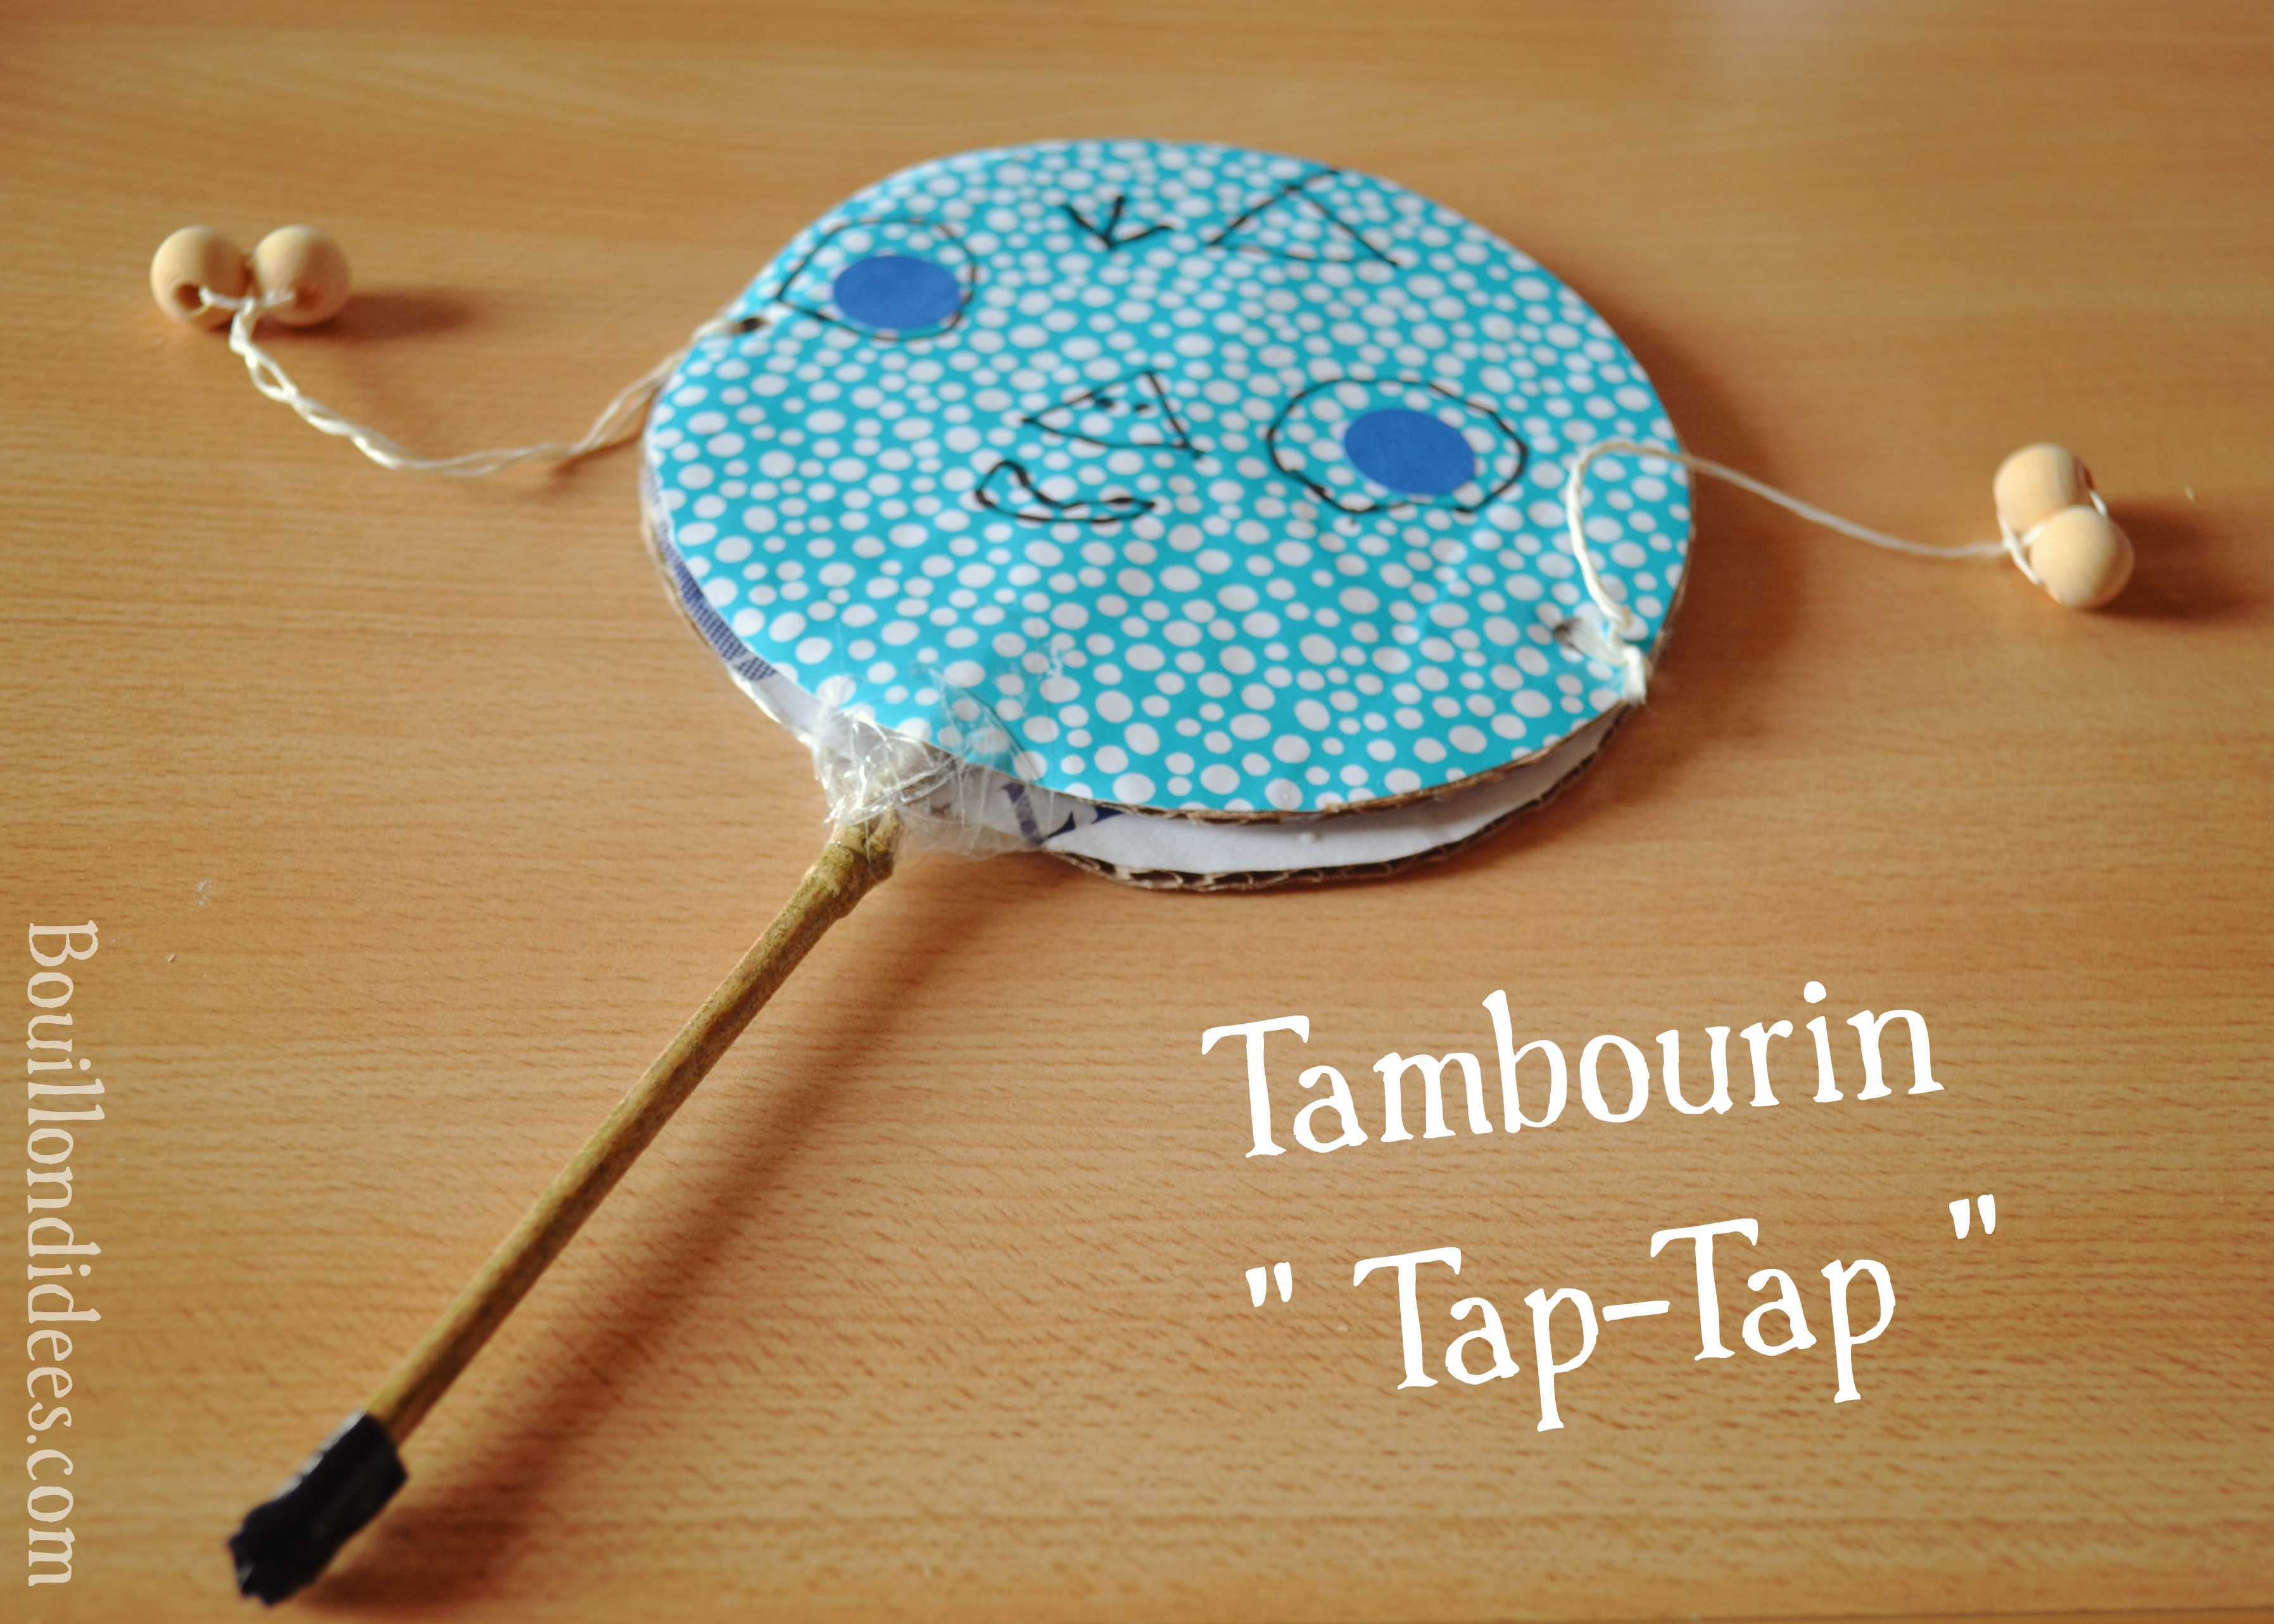 Diy f te de la musique maracas tap tap kazoo - Creation a faire a la maison ...